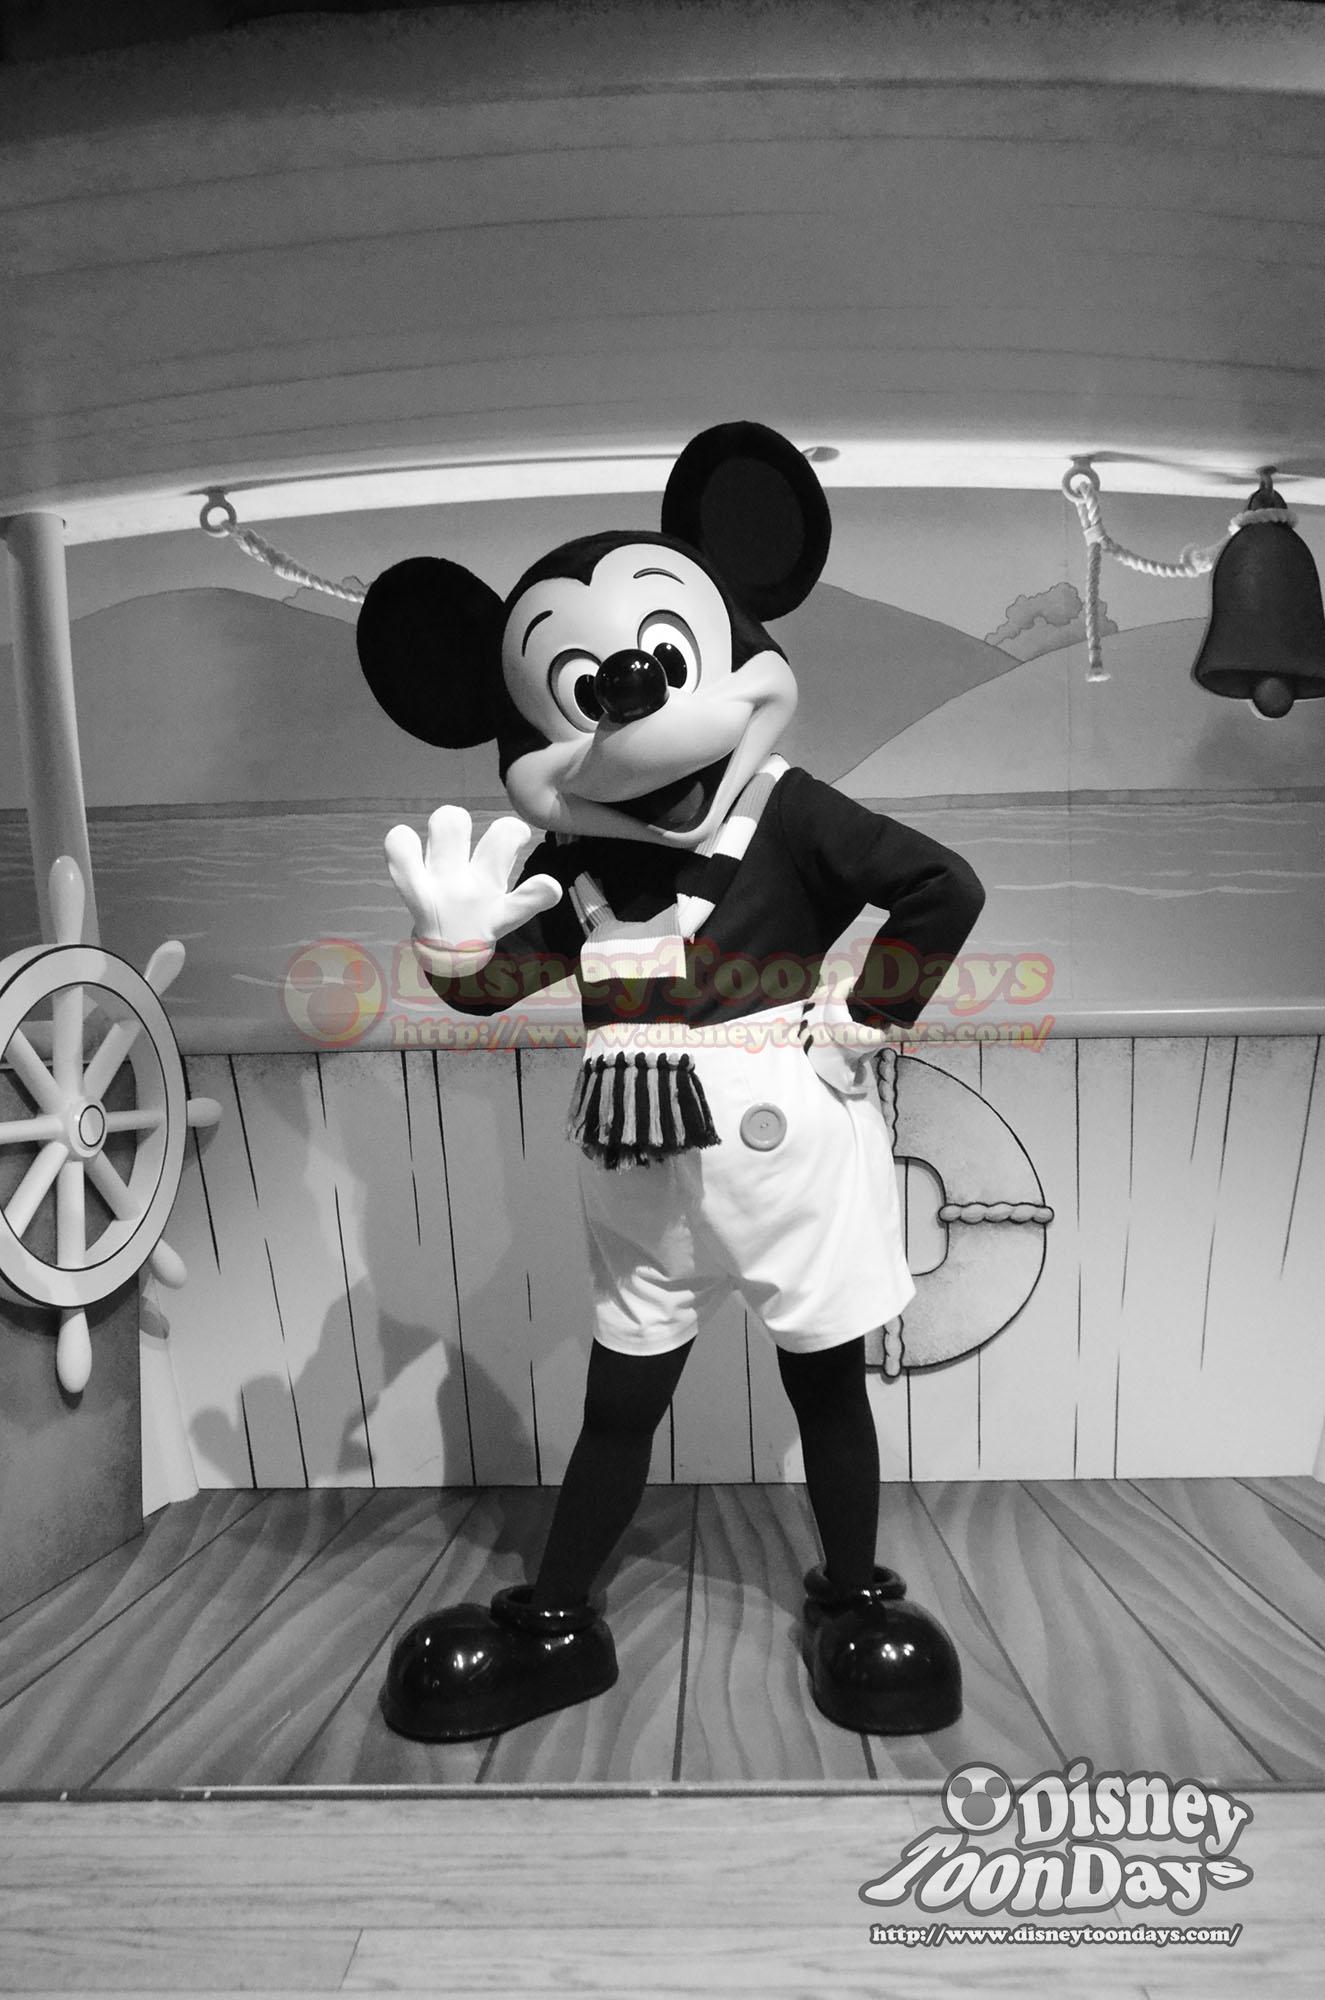 TDL トゥーンタウン ミッキーの家とミートミッキー グリーティング 蒸気船ウィリー ミッキーマウス